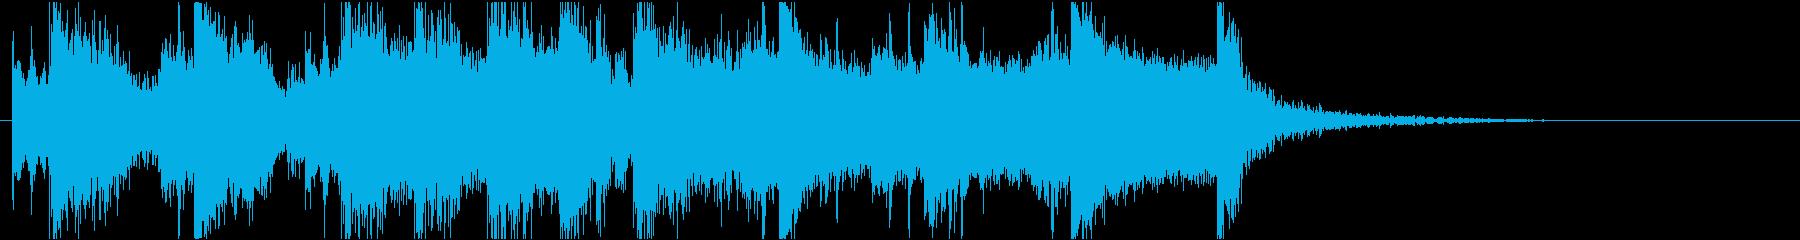 短い前奏曲です。の再生済みの波形